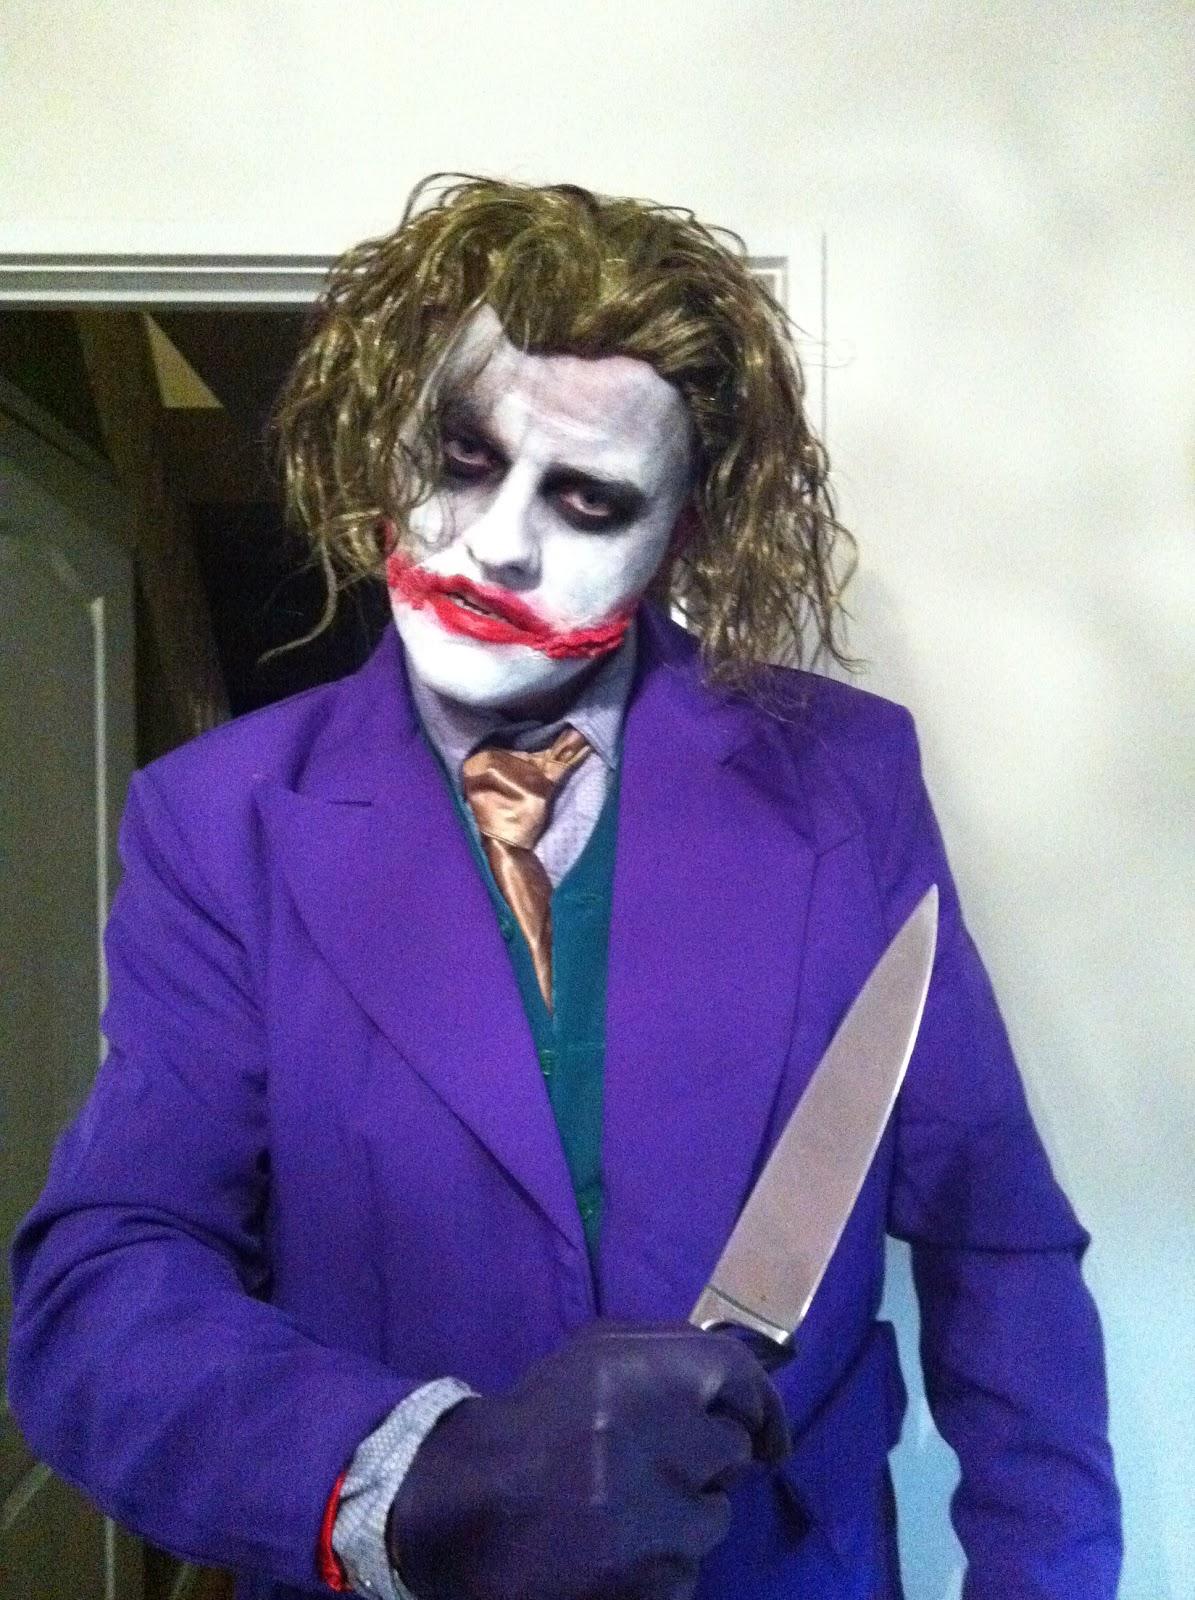 http://4.bp.blogspot.com/-VUBxn1l__o0/TpW0O9VVy8I/AAAAAAAABqI/0szNTfH3PFo/s1600/Joker.jpg